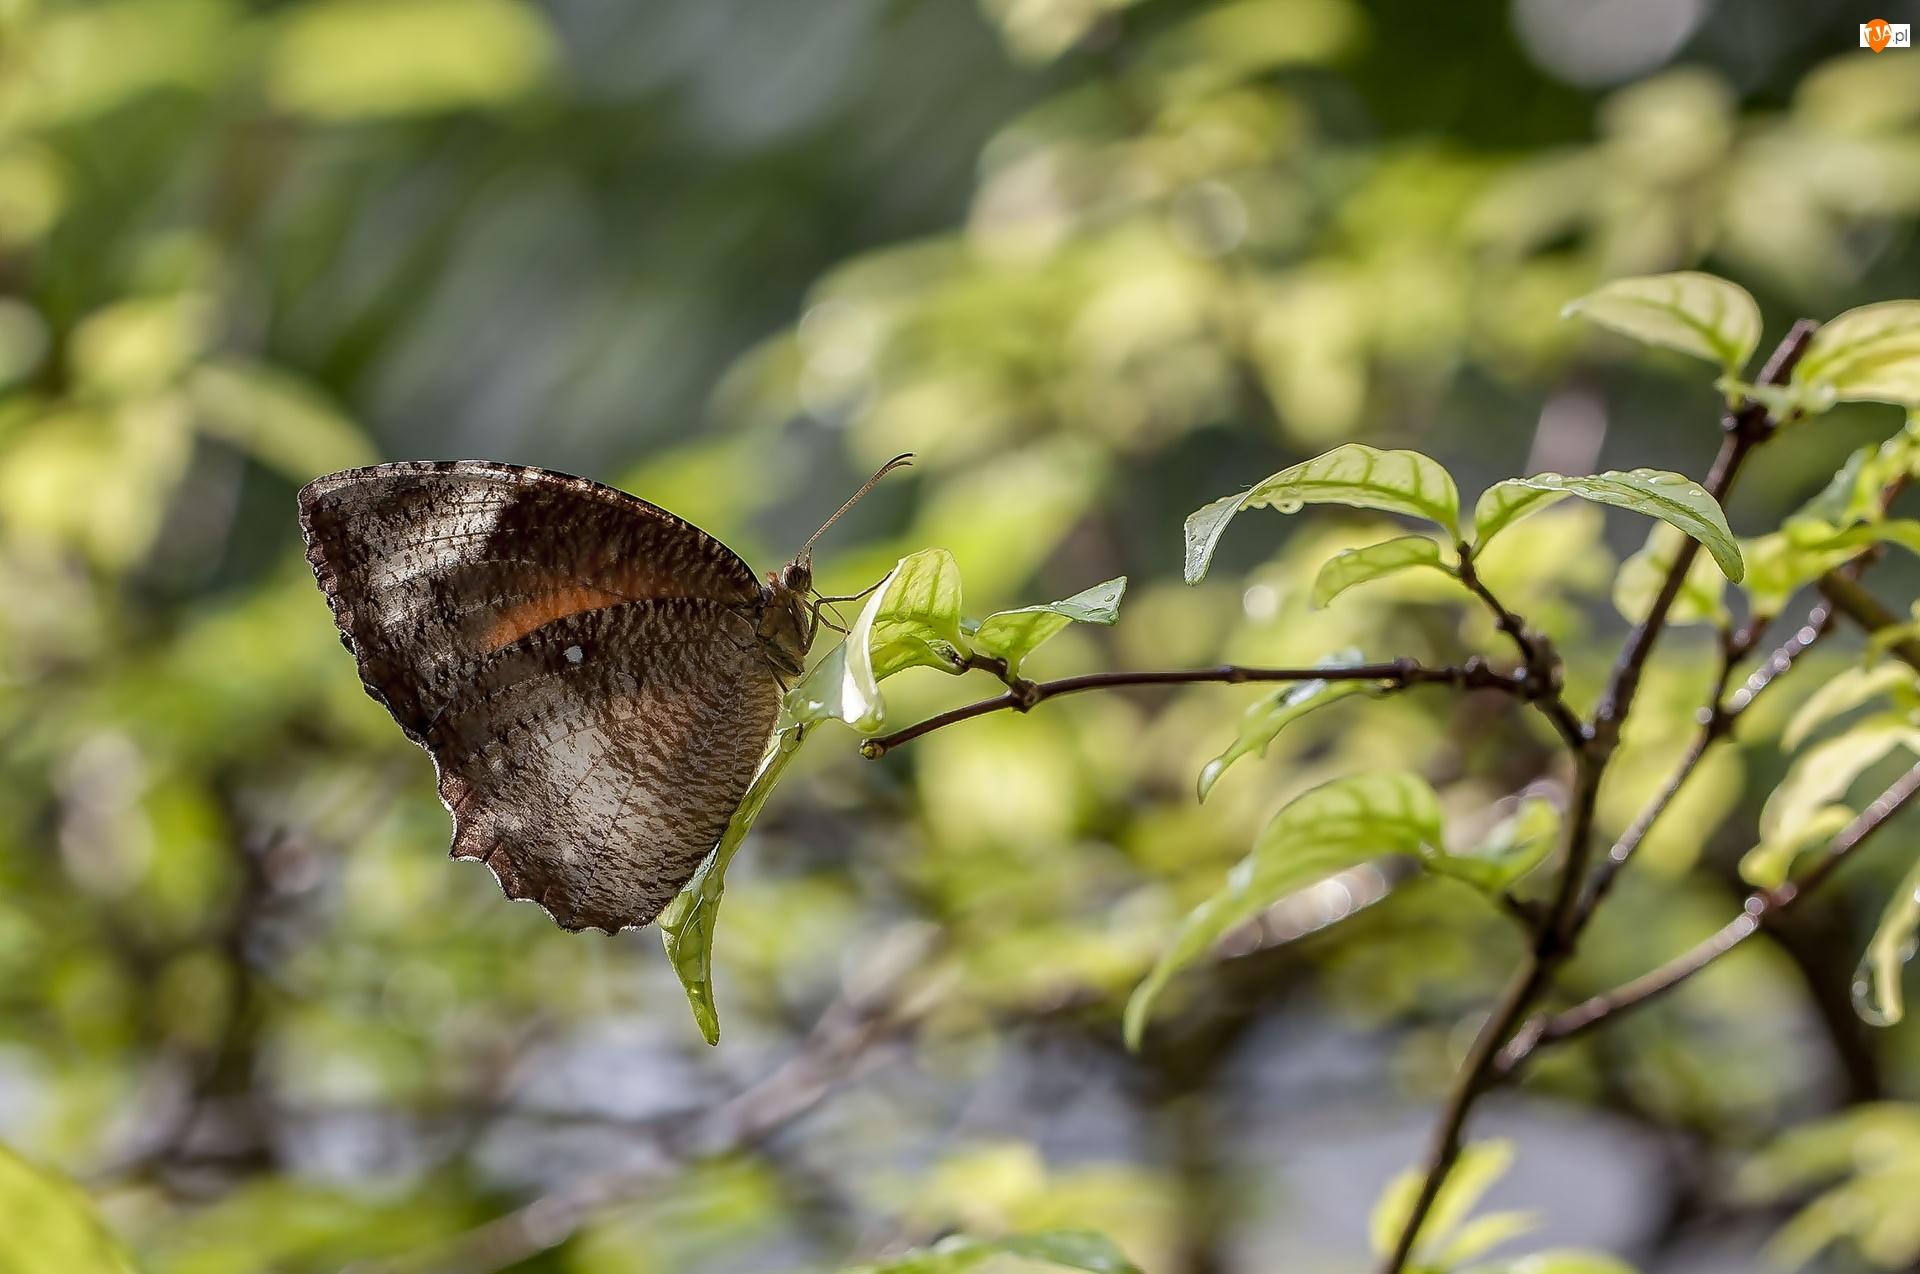 Liście, Brązowy, Motyl, Gałązka